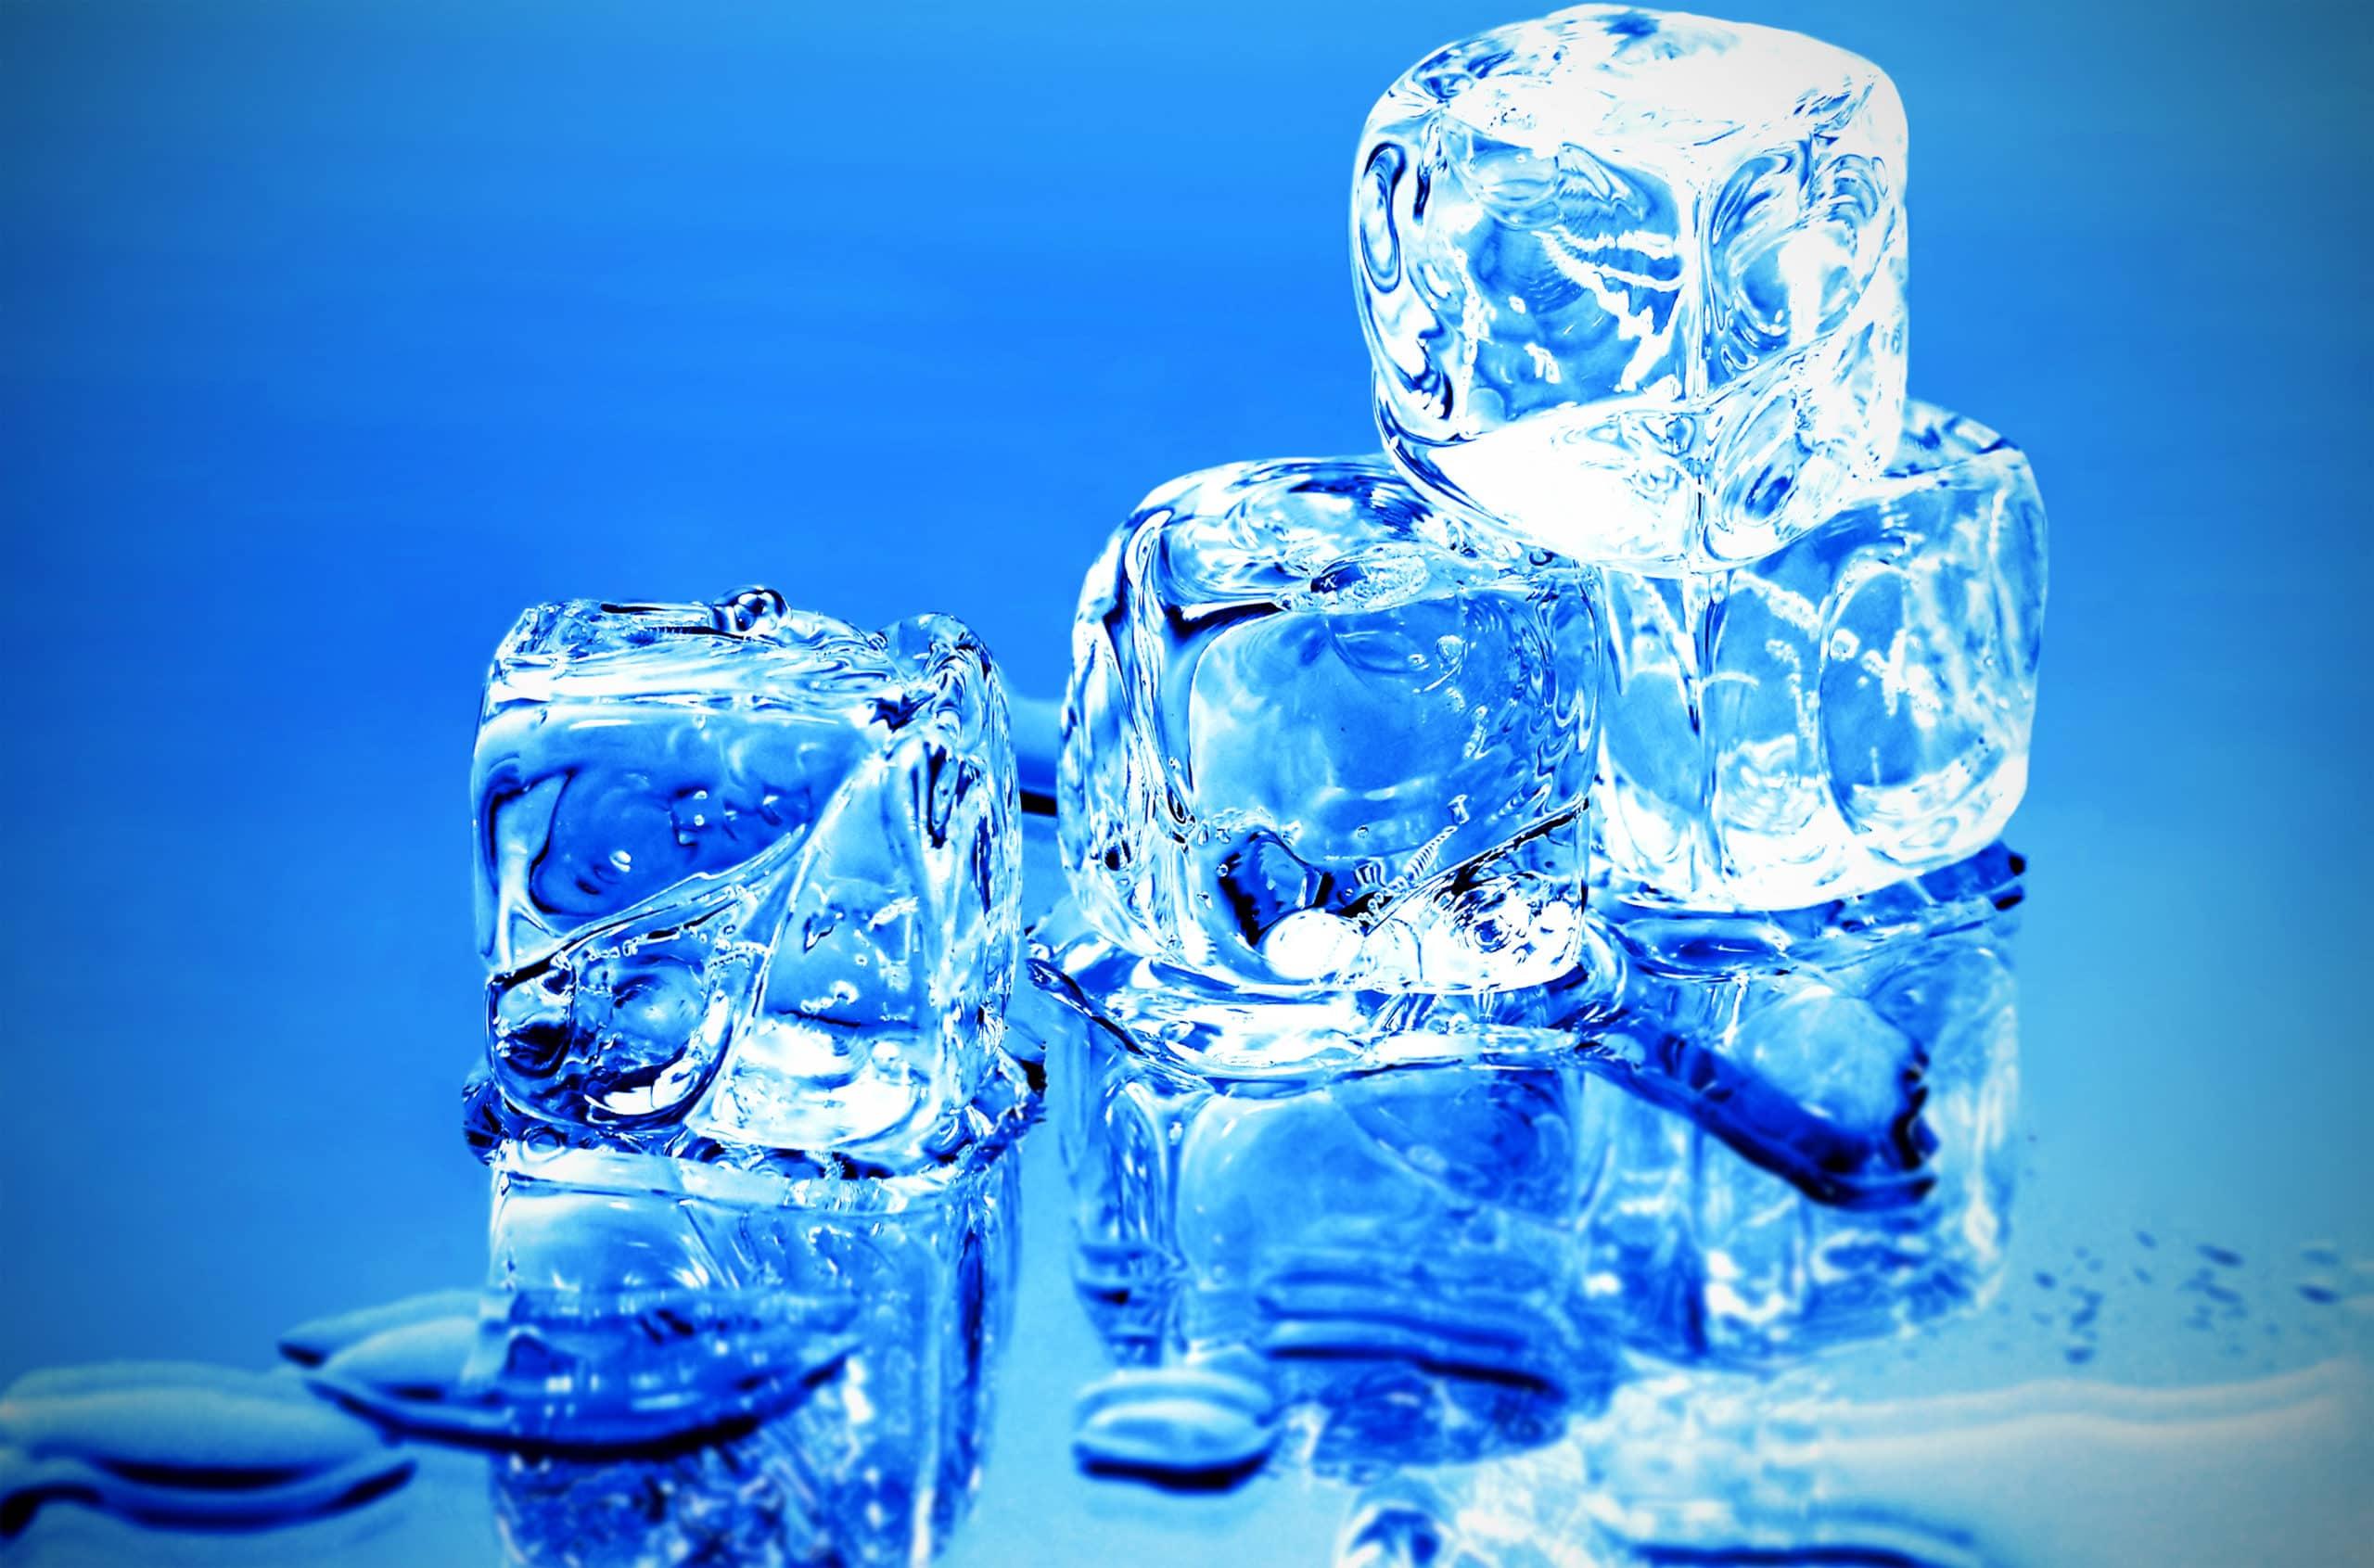 Плавление льда происходит при температуре 0°C